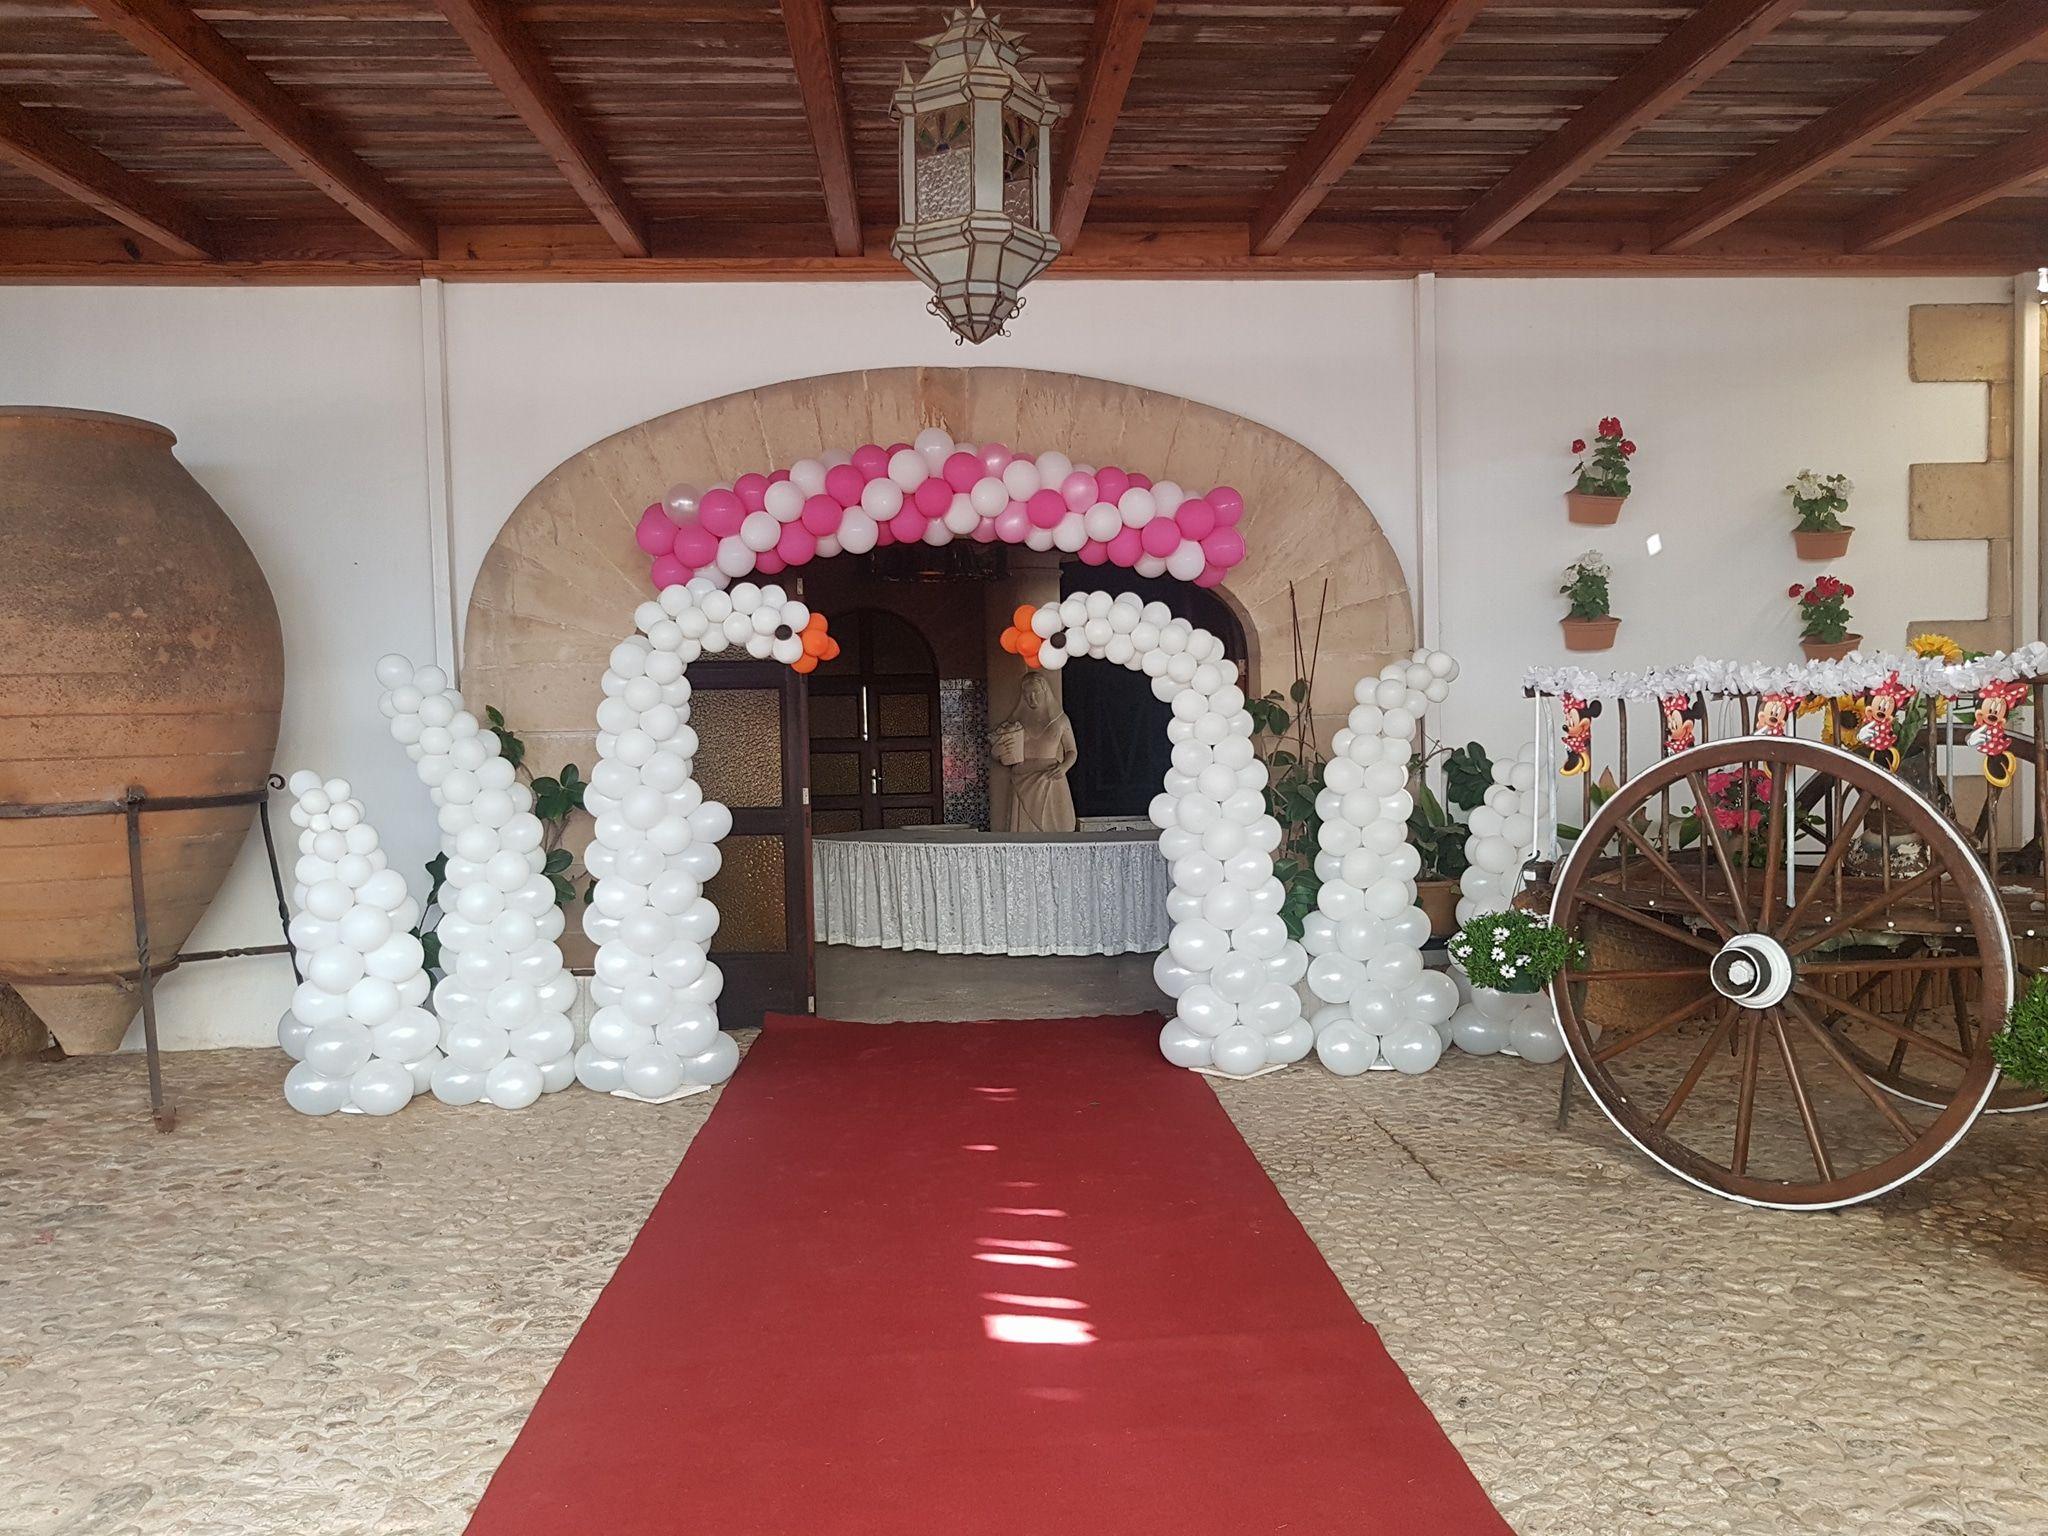 Celebración de todo tipo de eventos en Palma de Mallorca